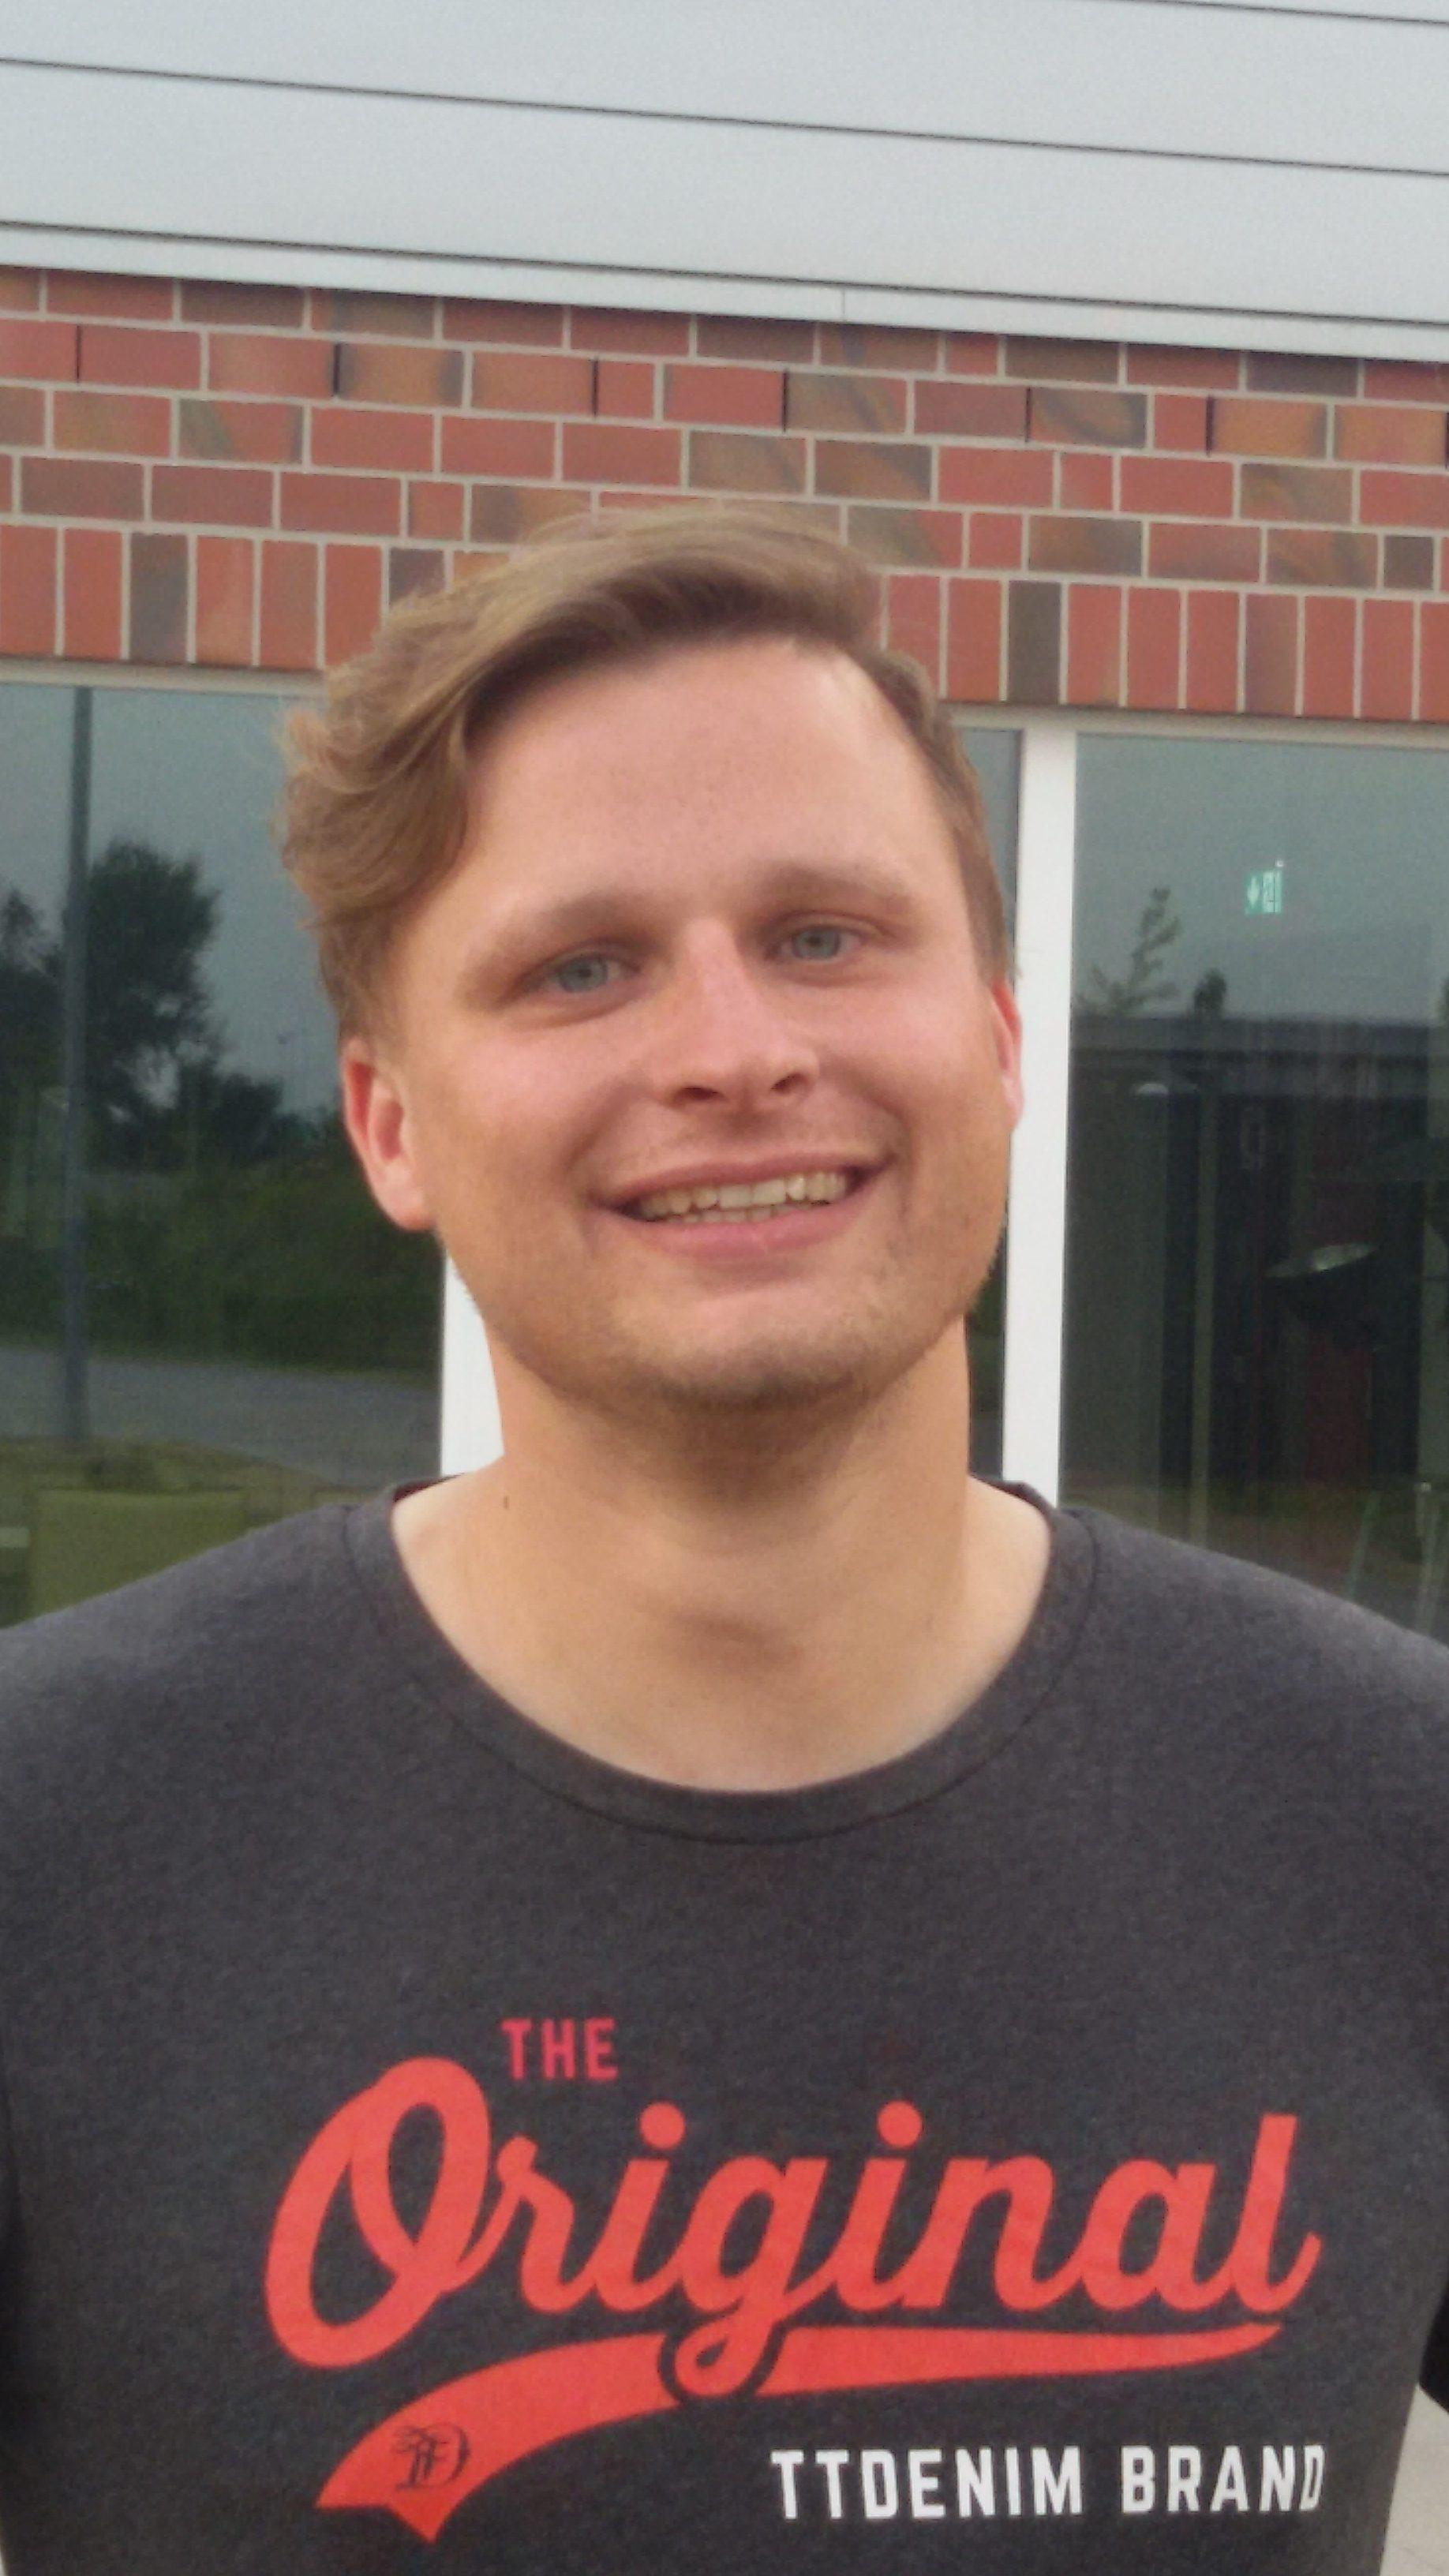 """TuS Fleestedt -TuS-Trainer André Sahling war zufrieden mit dem letzten Spiel des Kalenderjahres: """"Wir haben heute ein hervorragendes Spiel geboten und damit diese tolle Hinrunde abgerundet. Im kommenden Jahr wollen wir an die gezeigten Leistungen anknüpfen und bis zum Ende oben mitspielen. Es wird kein leichter Weg aber das Team funktioniert und wir haben in einigen Bereichen noch Steigerungspotenzial.Òr rFOTO (TuS Fleestedt): Trainer André Sahling ist mit seiner ersten Hinrunde mit den REDS sehr zufrieden"""